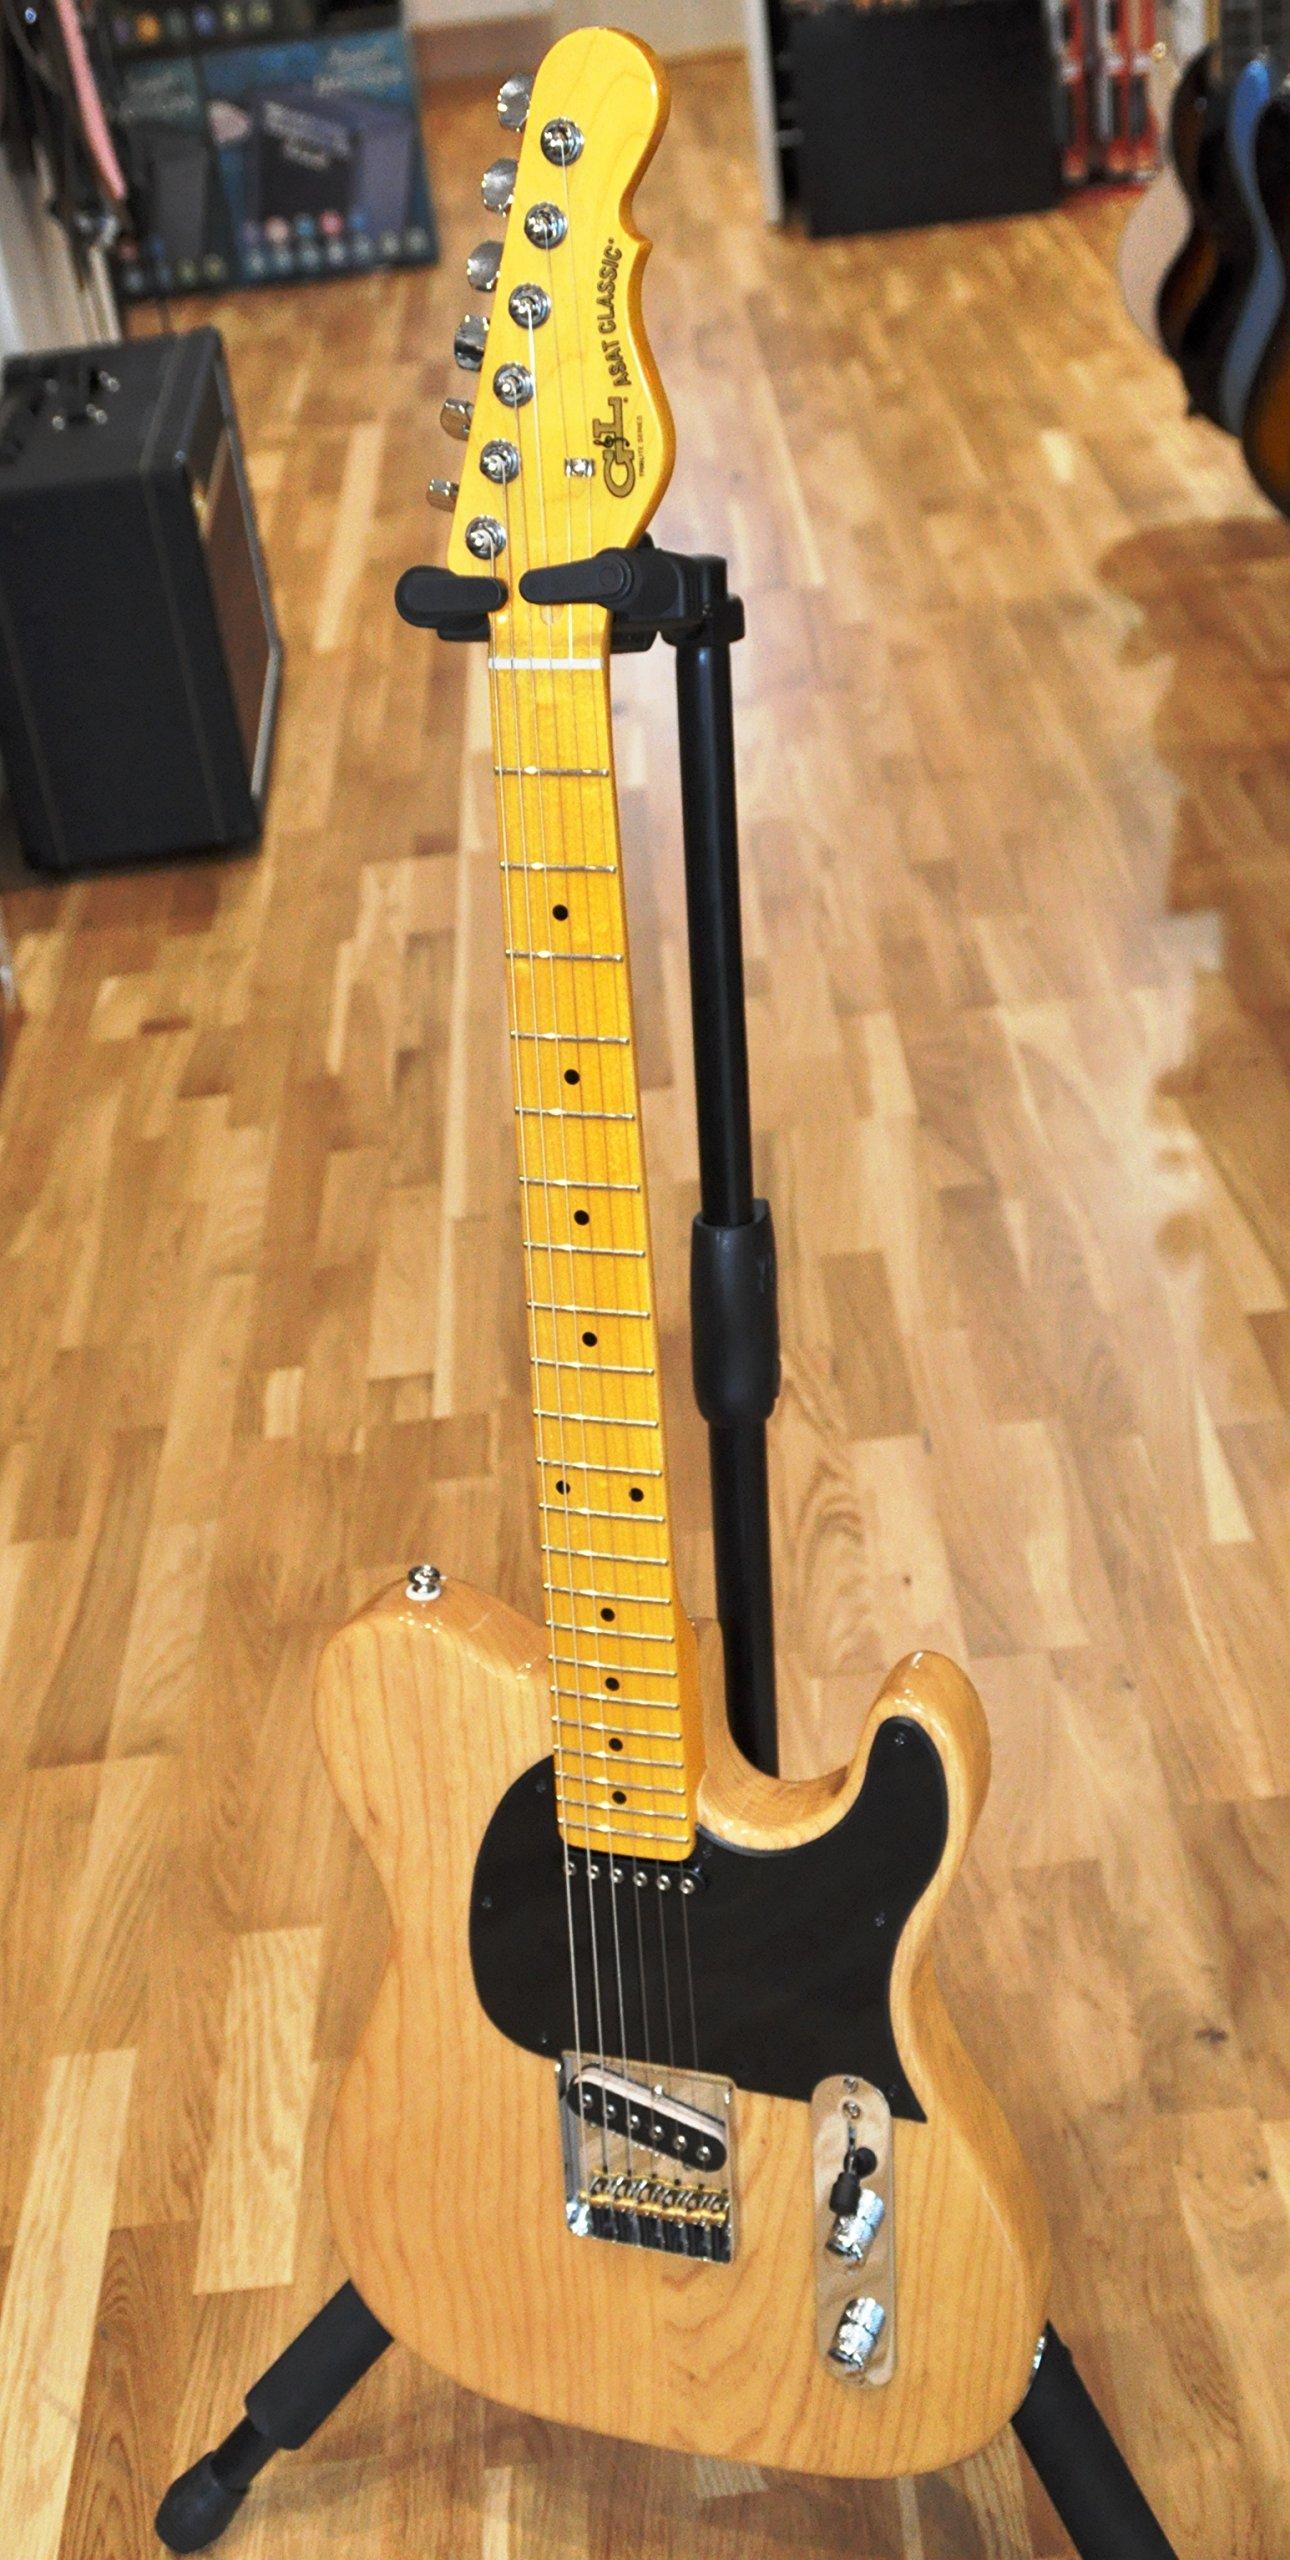 G&L Tribute ASAT Classic Electric Guitar Butterscotch Blonde Maple Fretboard